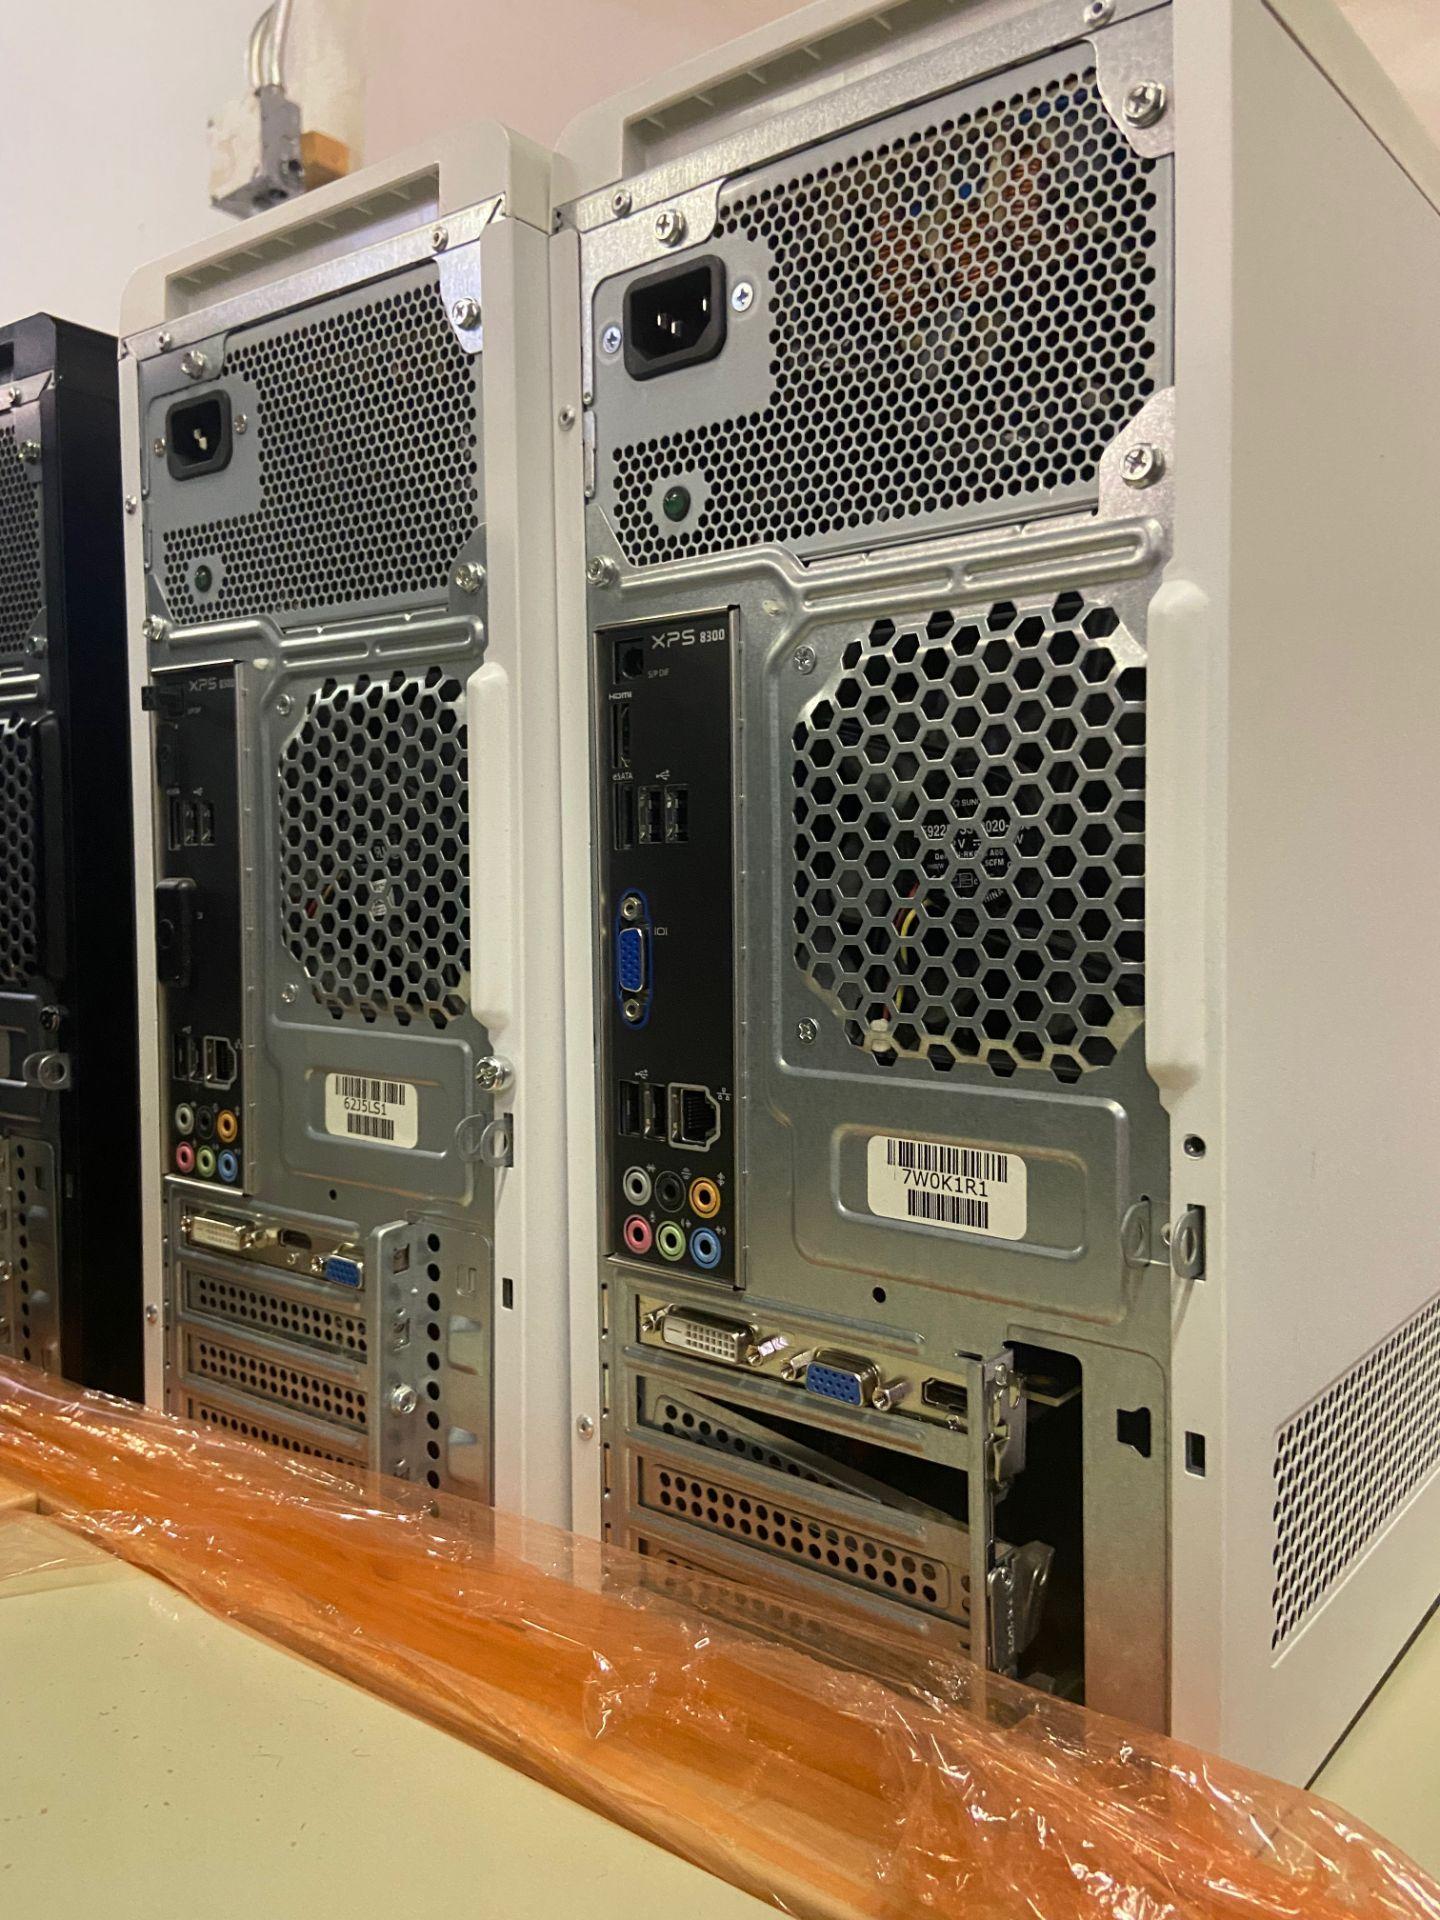 Dell XPS Desktop Computers, Total Qty 4, Qty 3 Intel i7 Processor, Qty 1 Intel i5 Processor, - Image 2 of 3